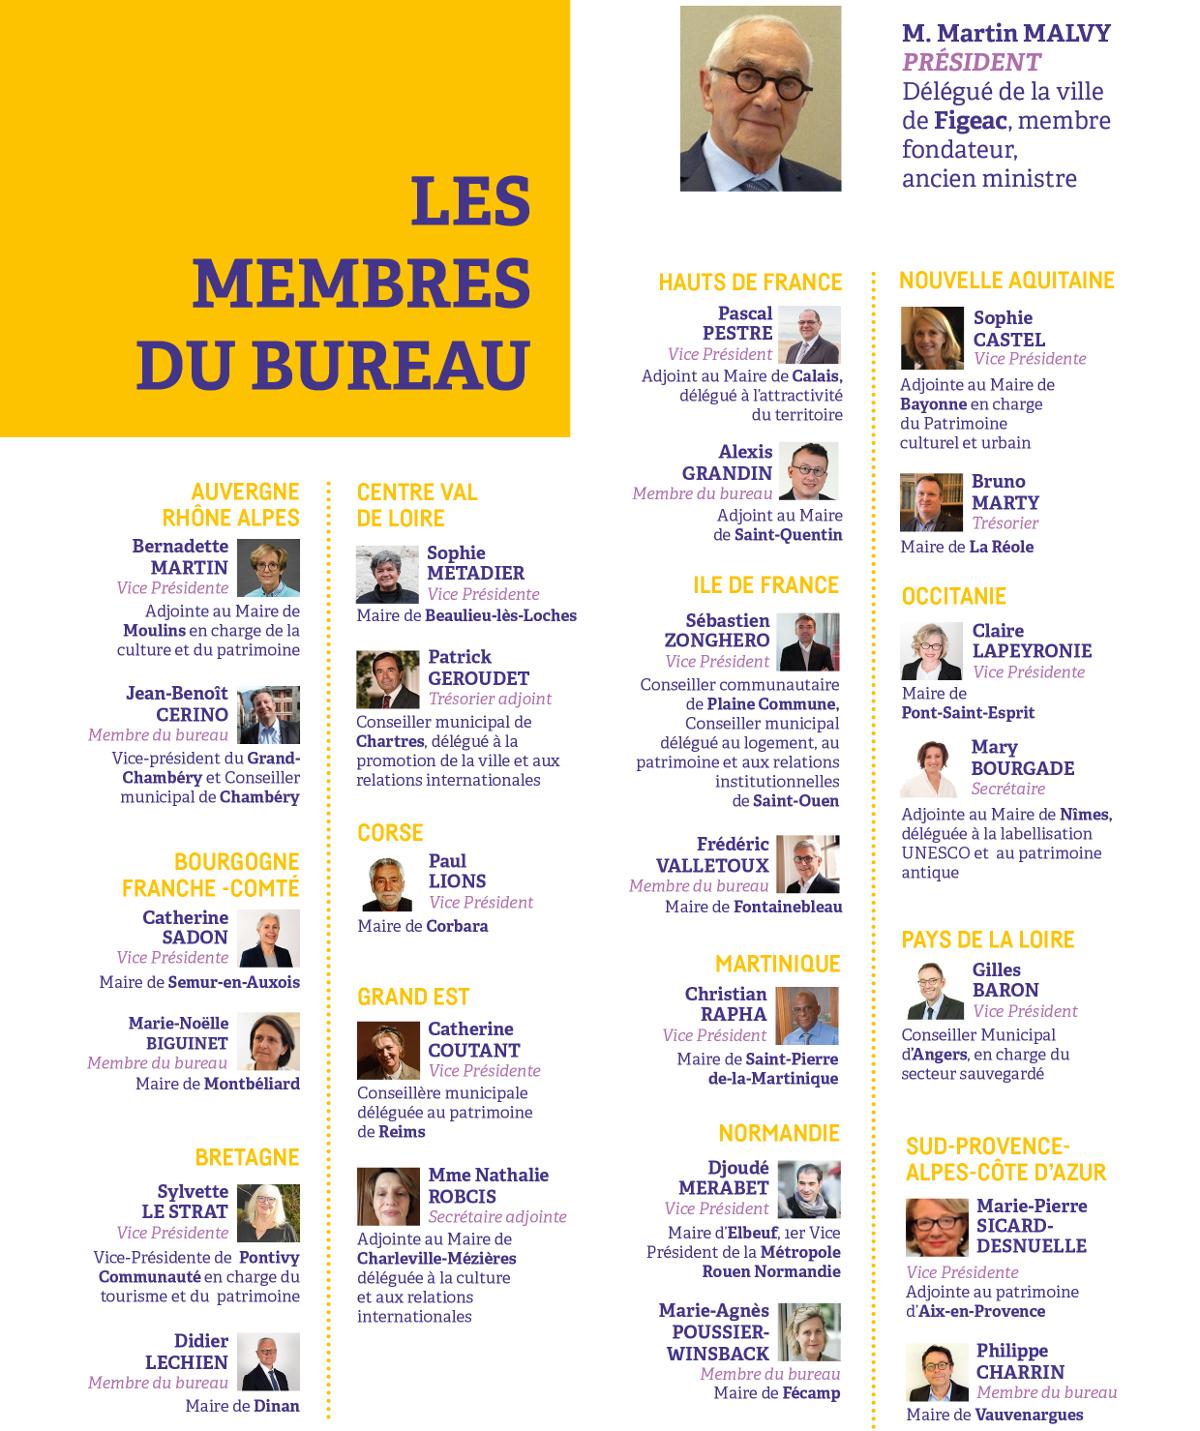 Trombinoscope de membres du bureau de Sites & Cités remarquable de France